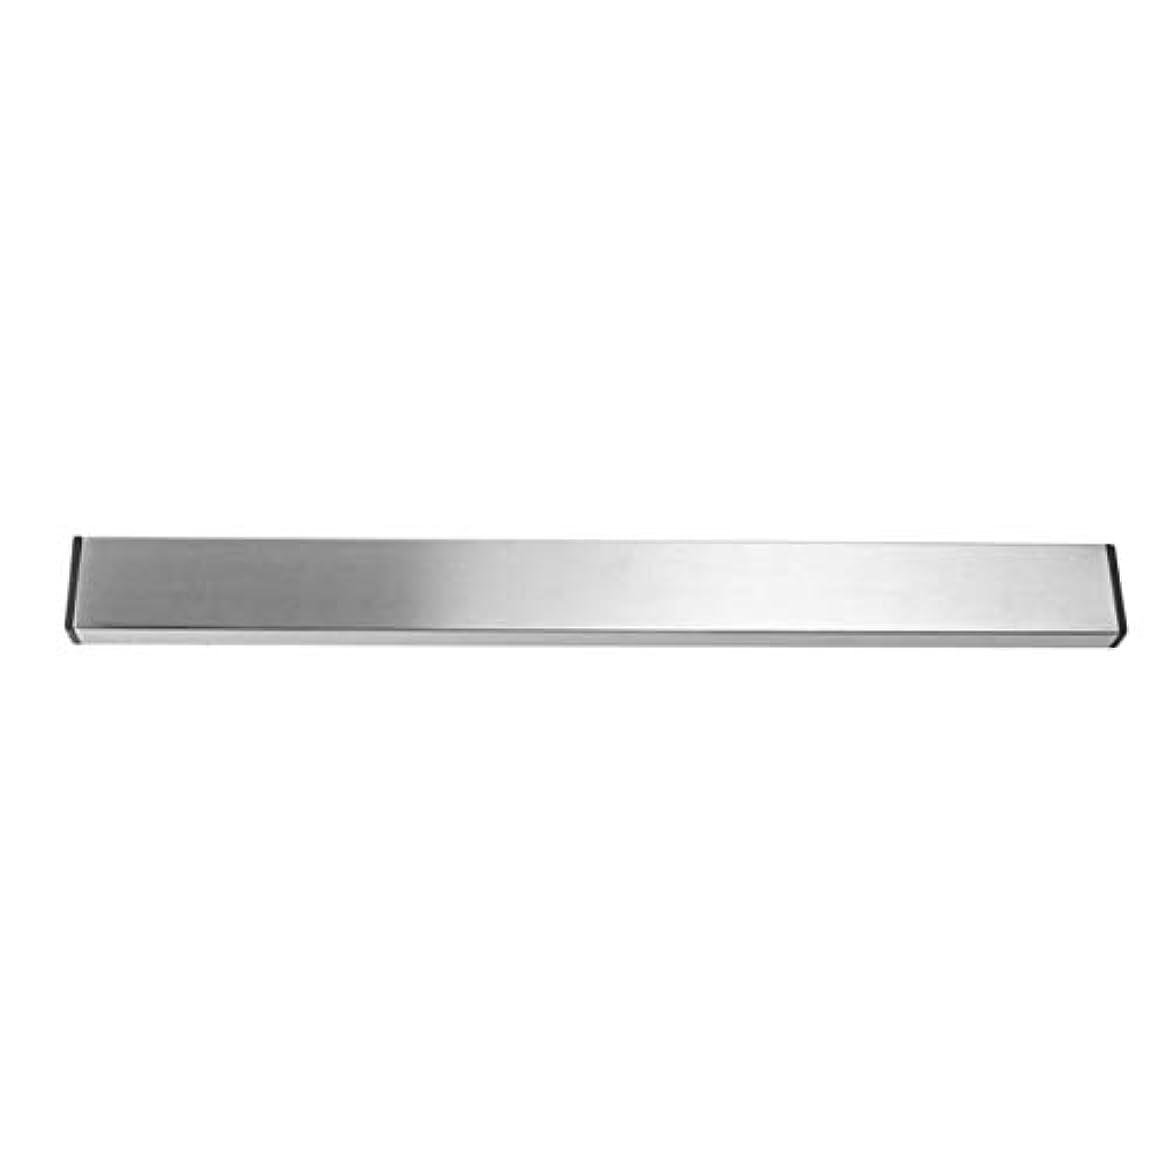 パテ俳句牛Saikogoods 実用的なホーム台所の壁マウントされた磁気ナイフホルダー耐久性のあるステンレススチール簡単に保存ナイフは台所用具ラック 銀 M